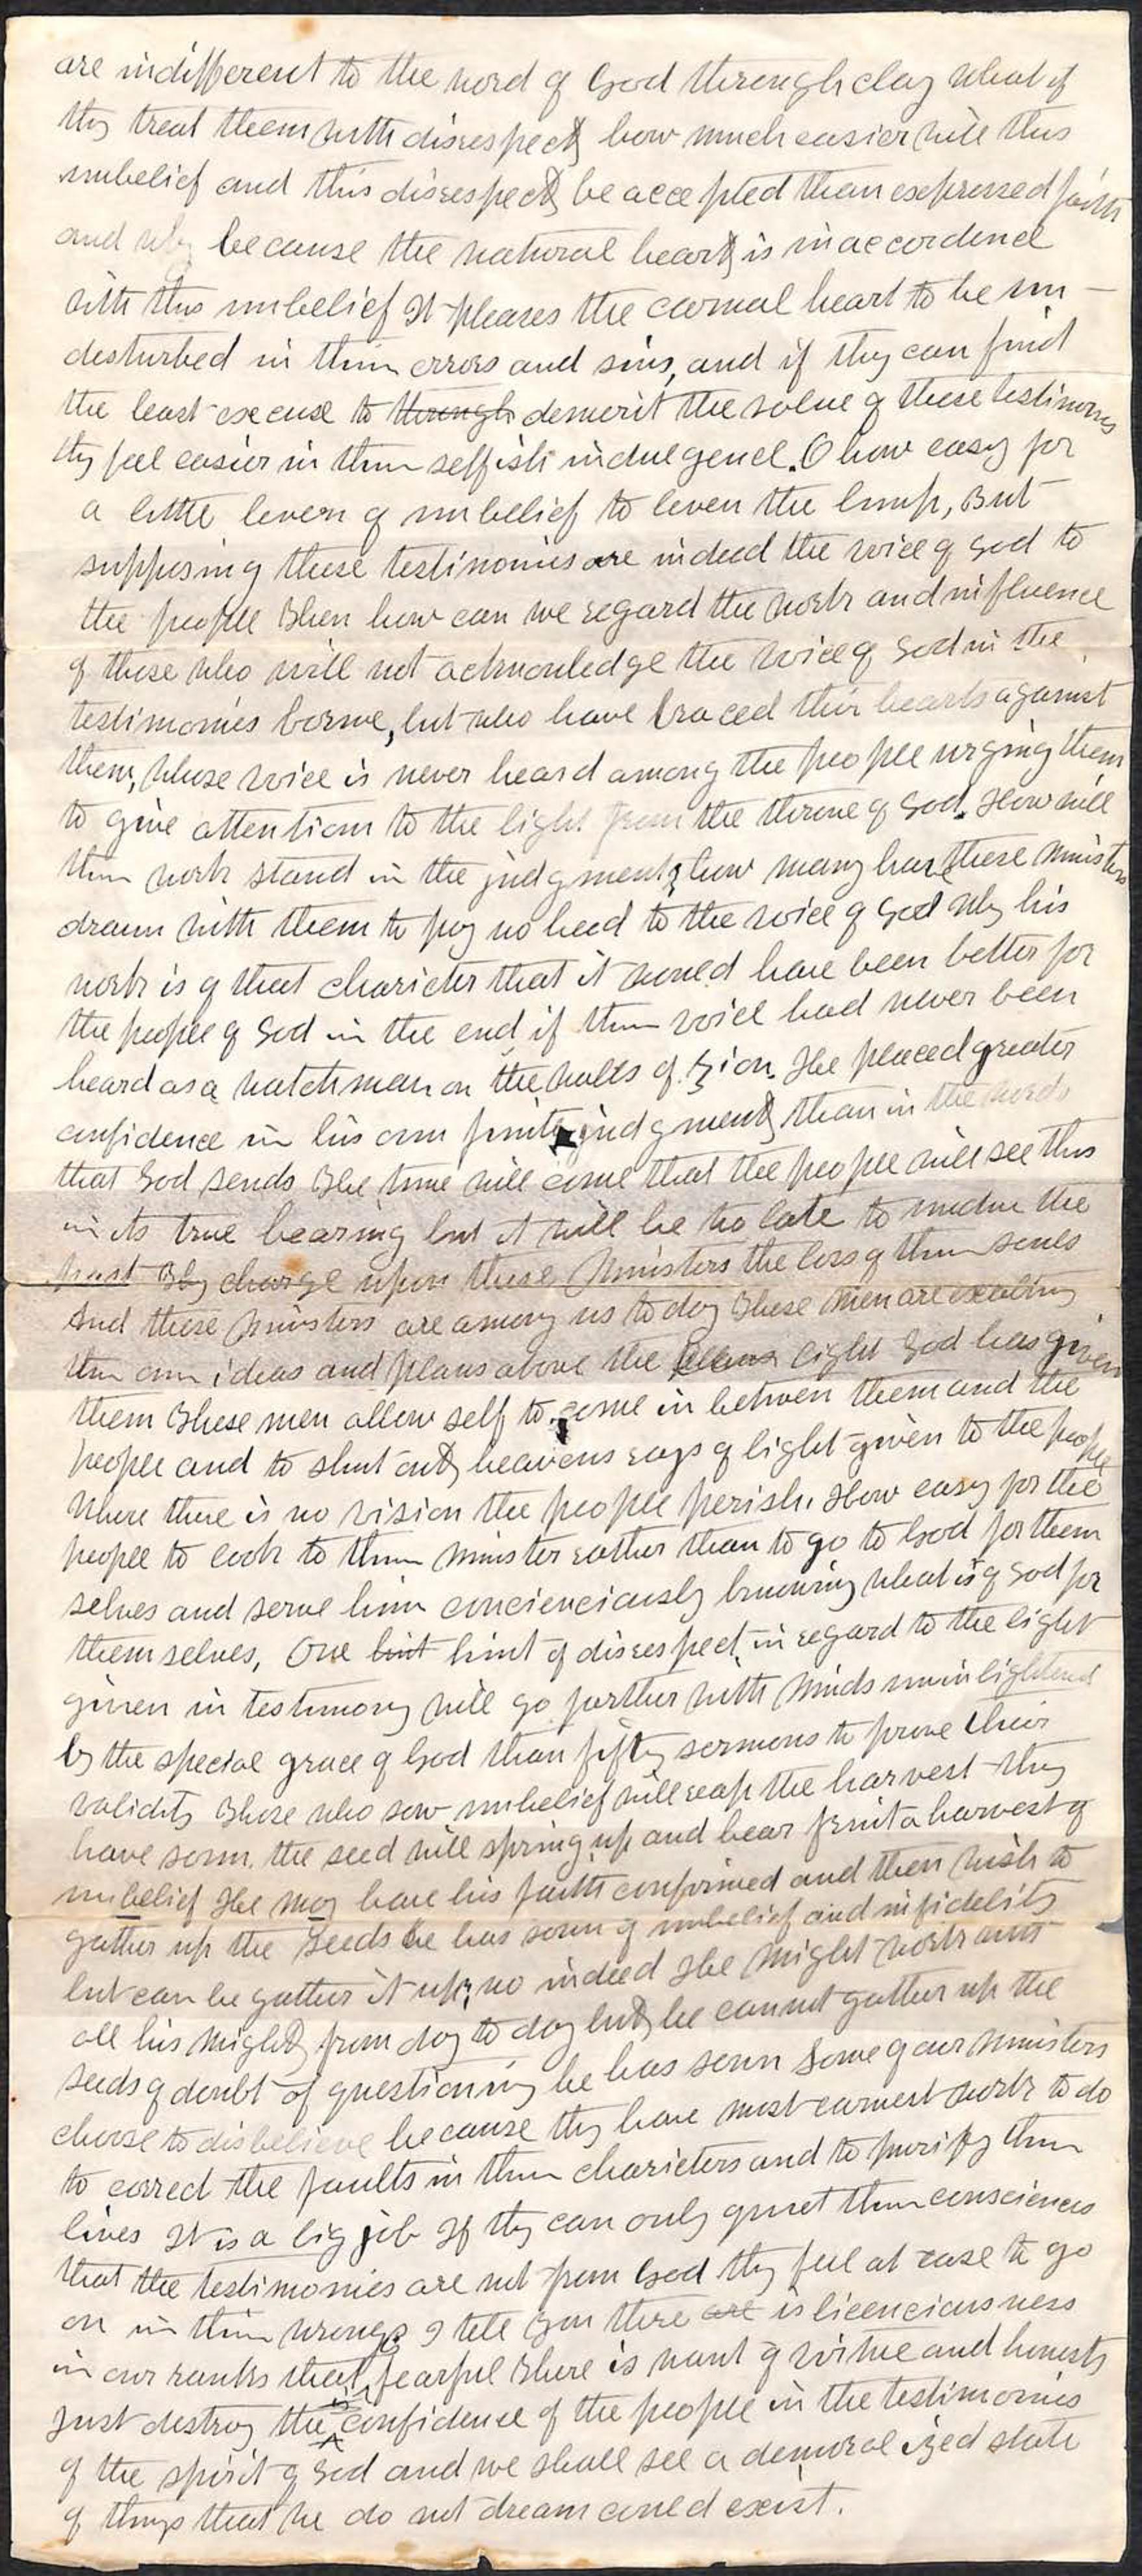 Segunda parte de la correspondencia de Elena de White. Haga clic para ampliar.